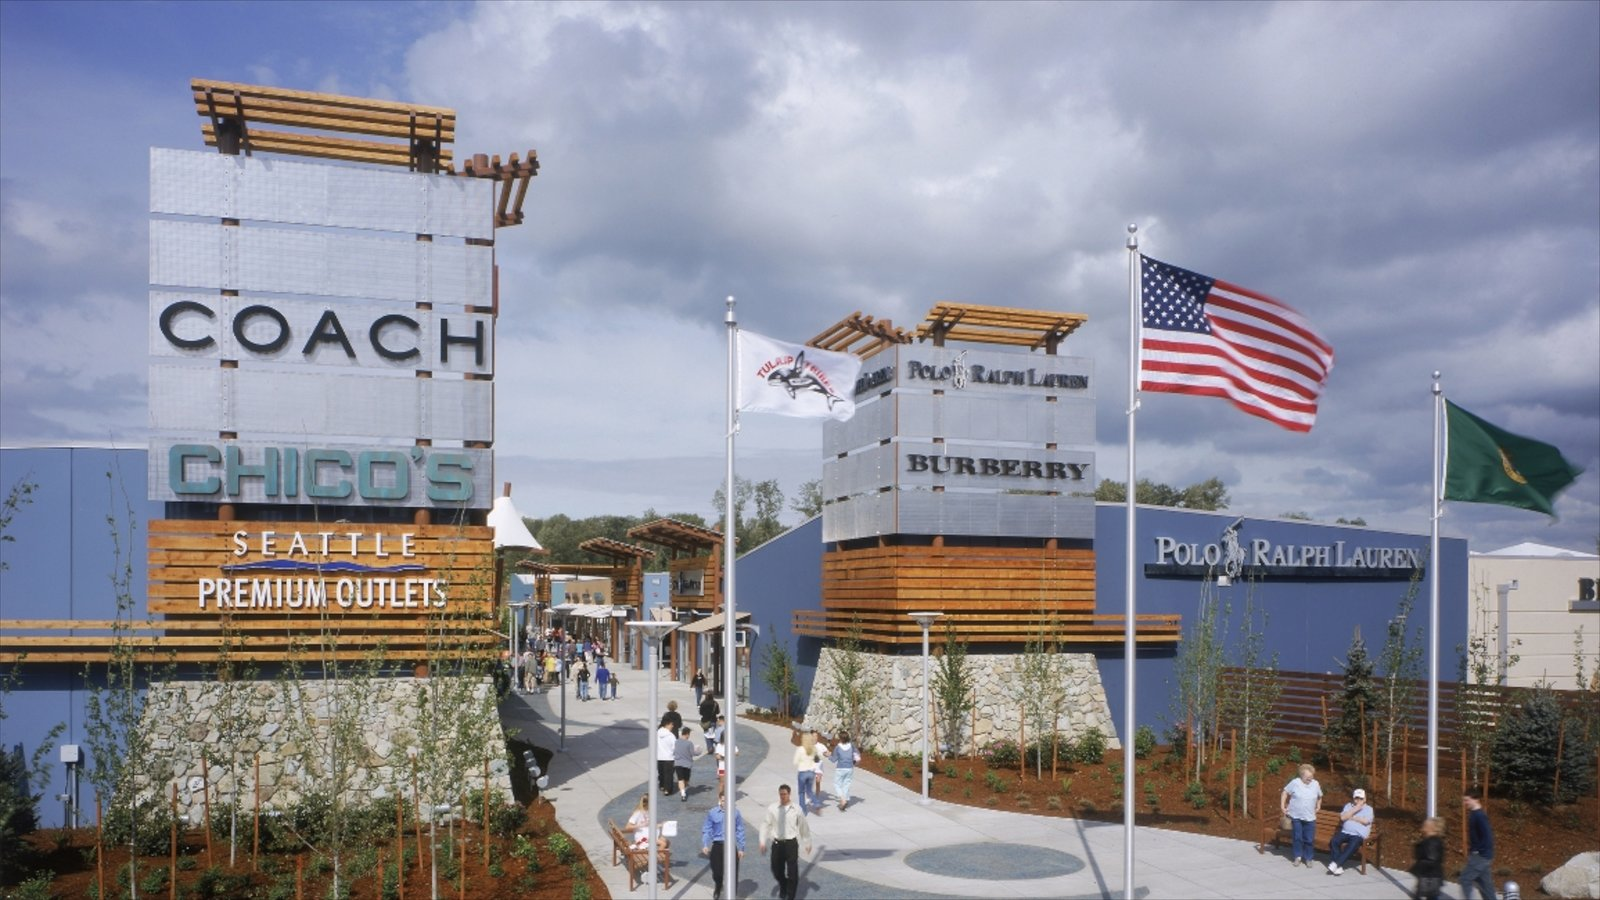 Marysville caracterizando arquitetura moderna e sinalização